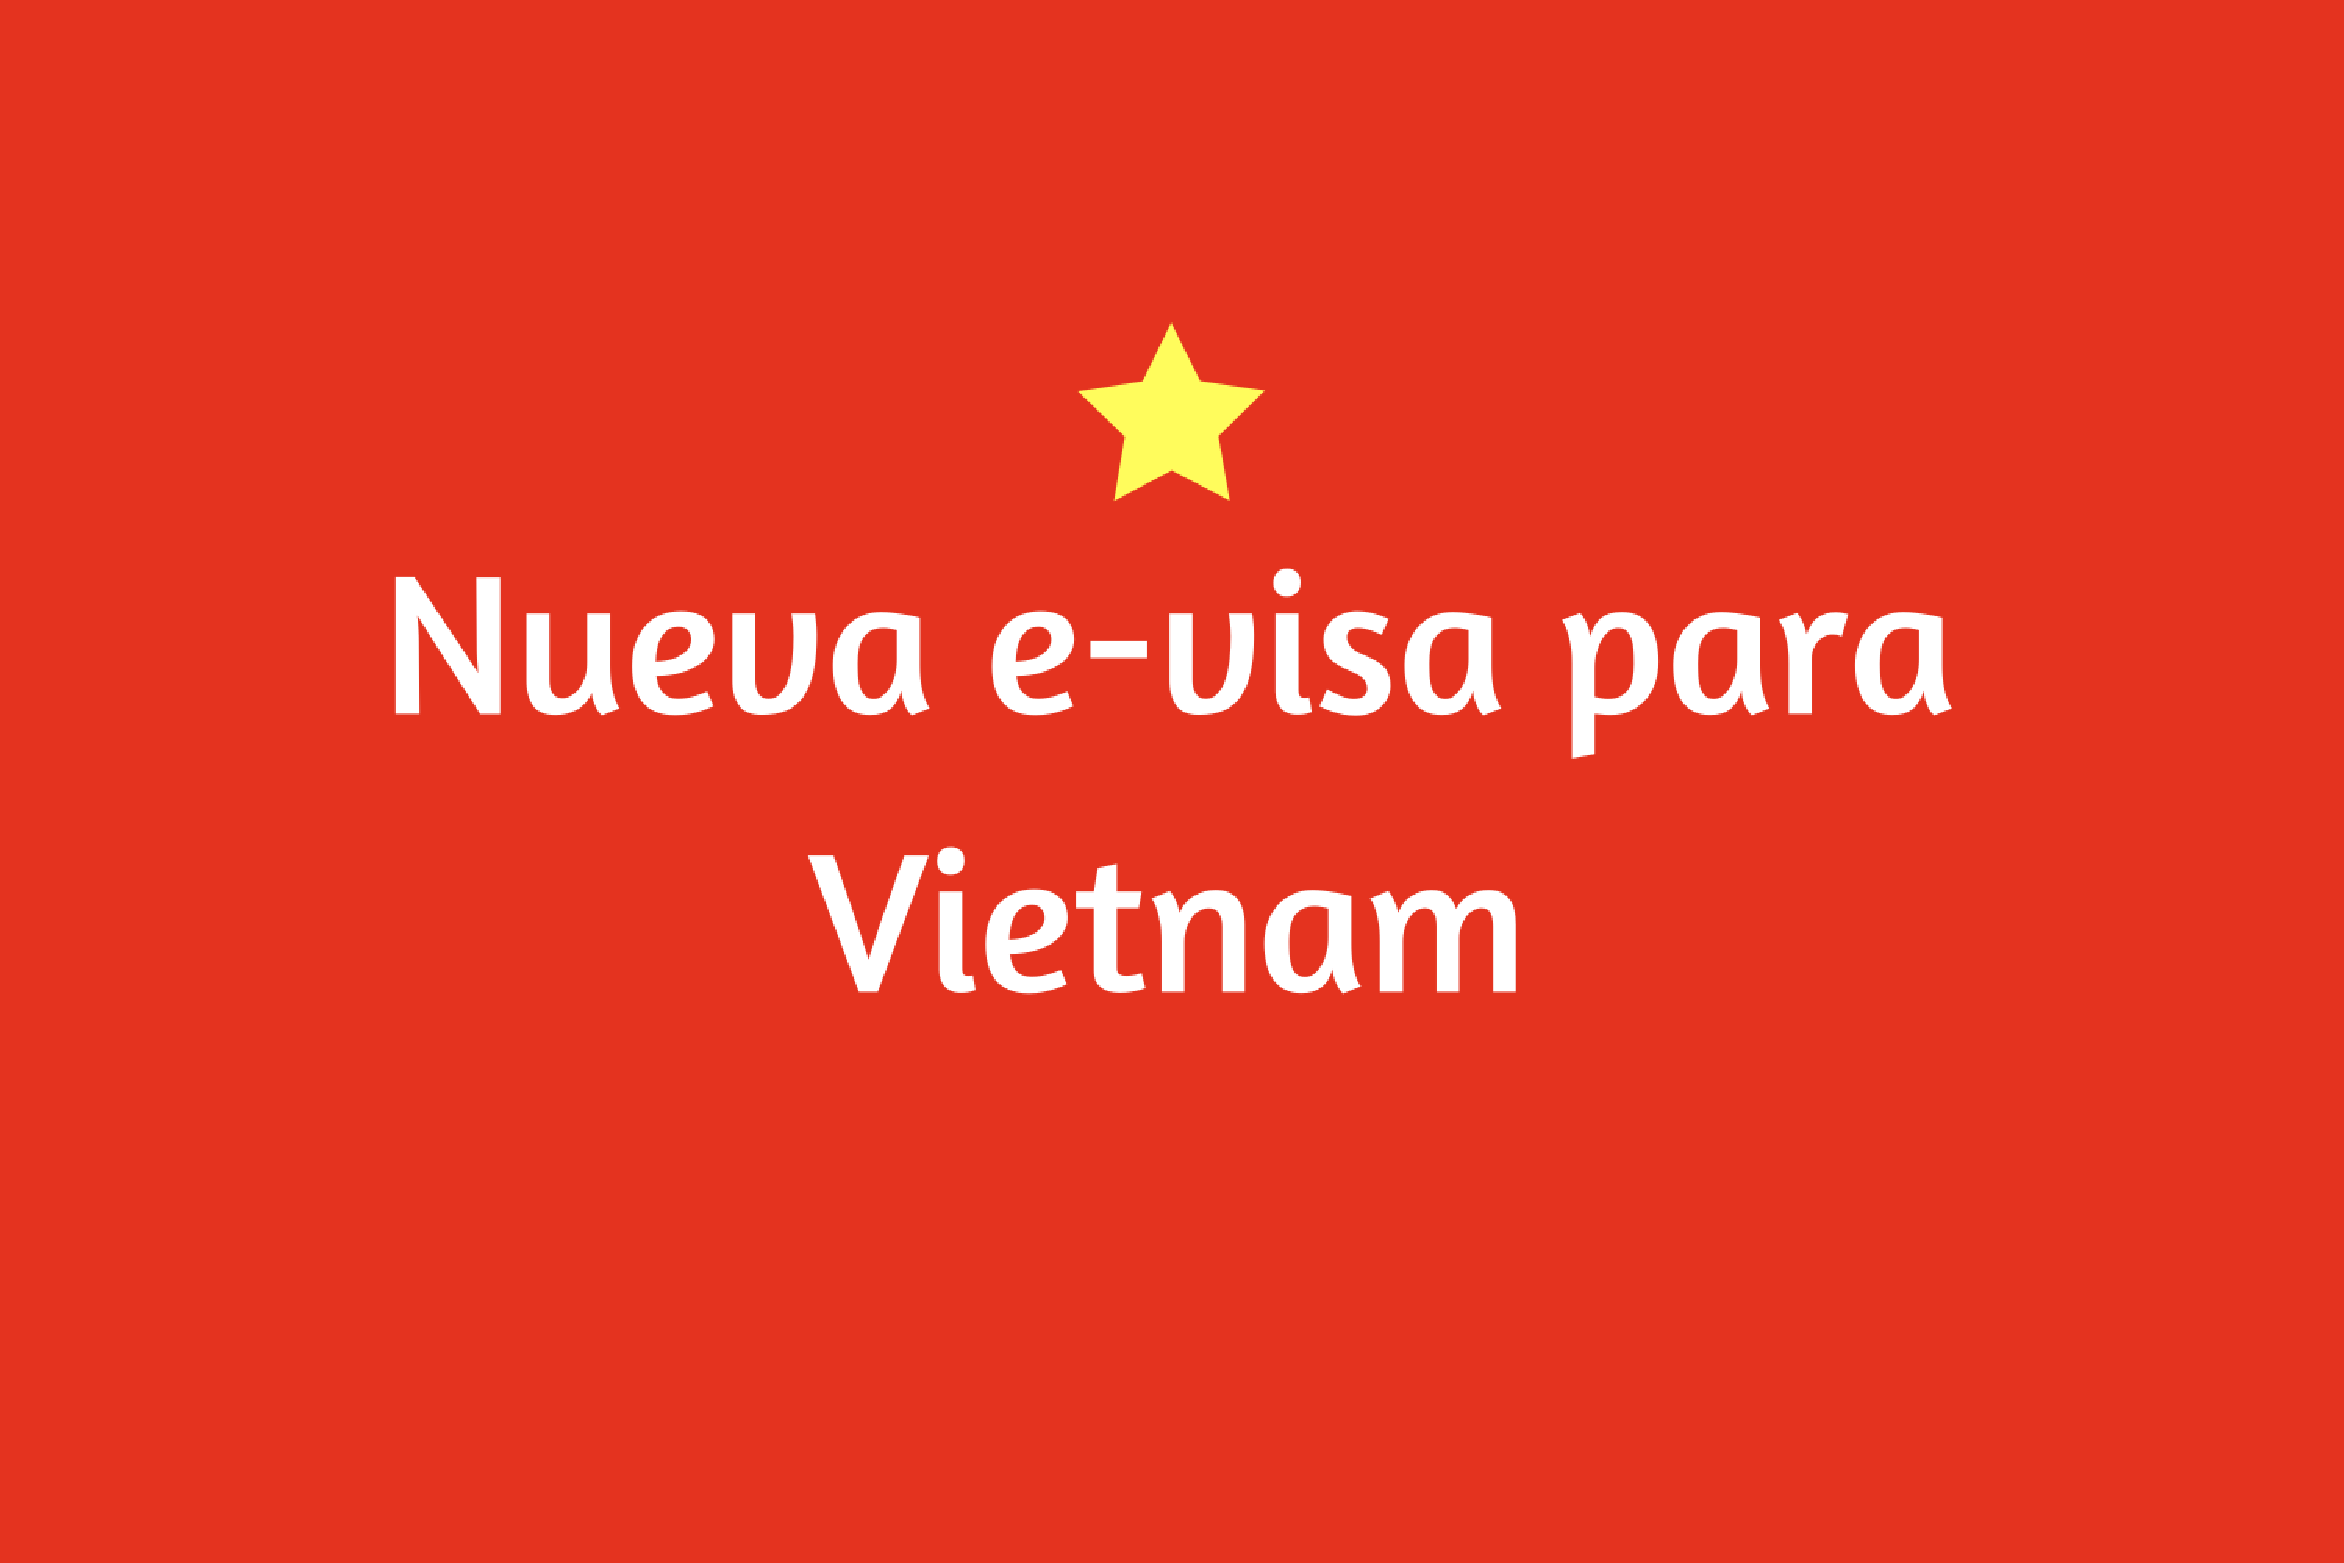 E-visa para Vietnam